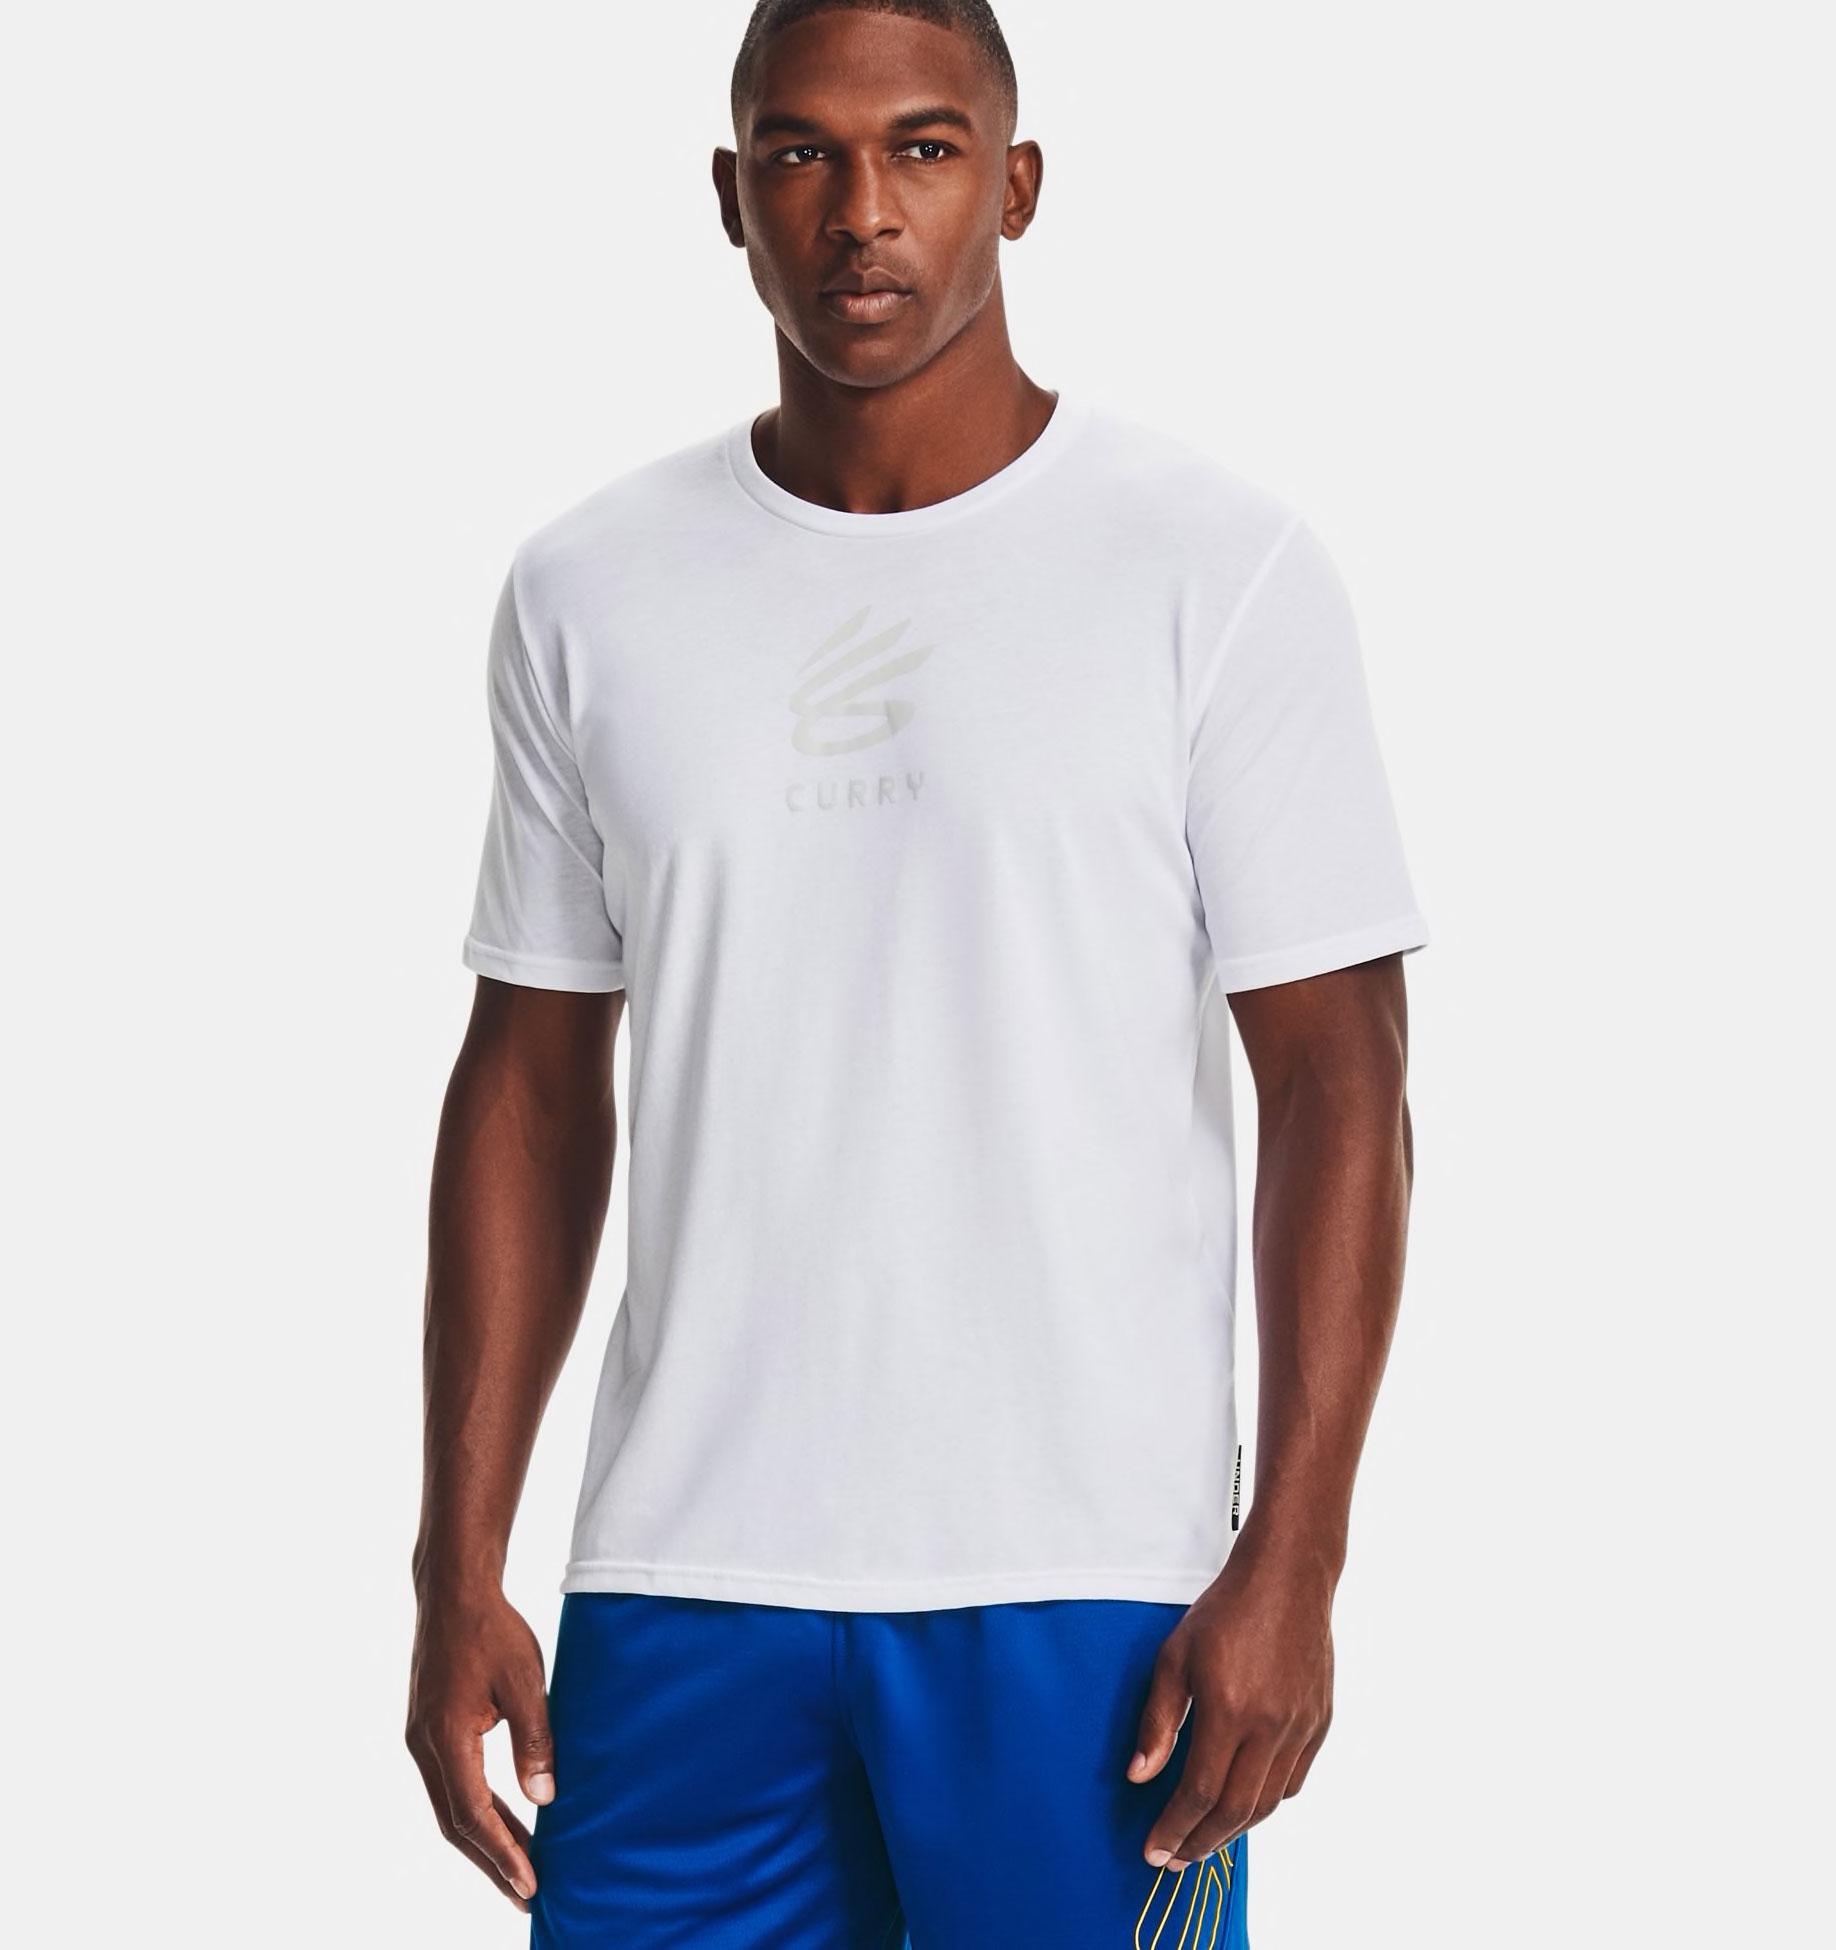 curry-8-white-tee-shirt